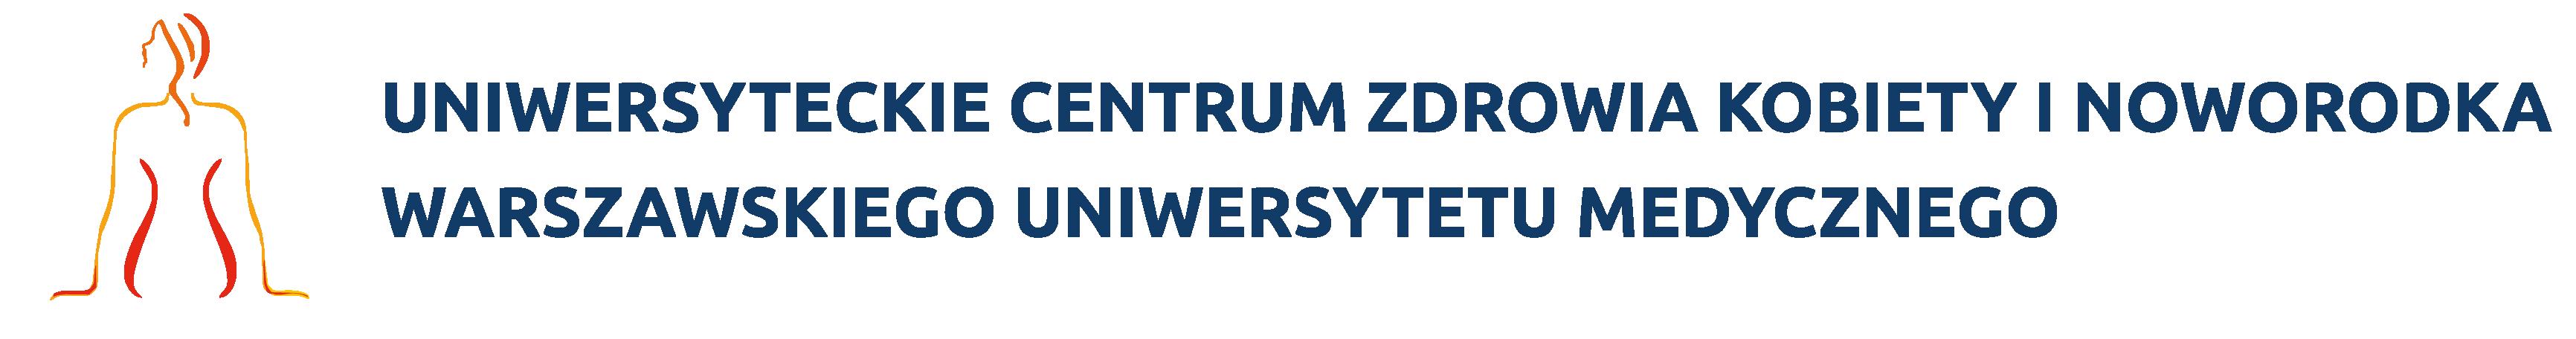 Biuro Prasowe Uniwersyteckiego Centrum Zdrowia Kobiety i Noworodka WUM logo